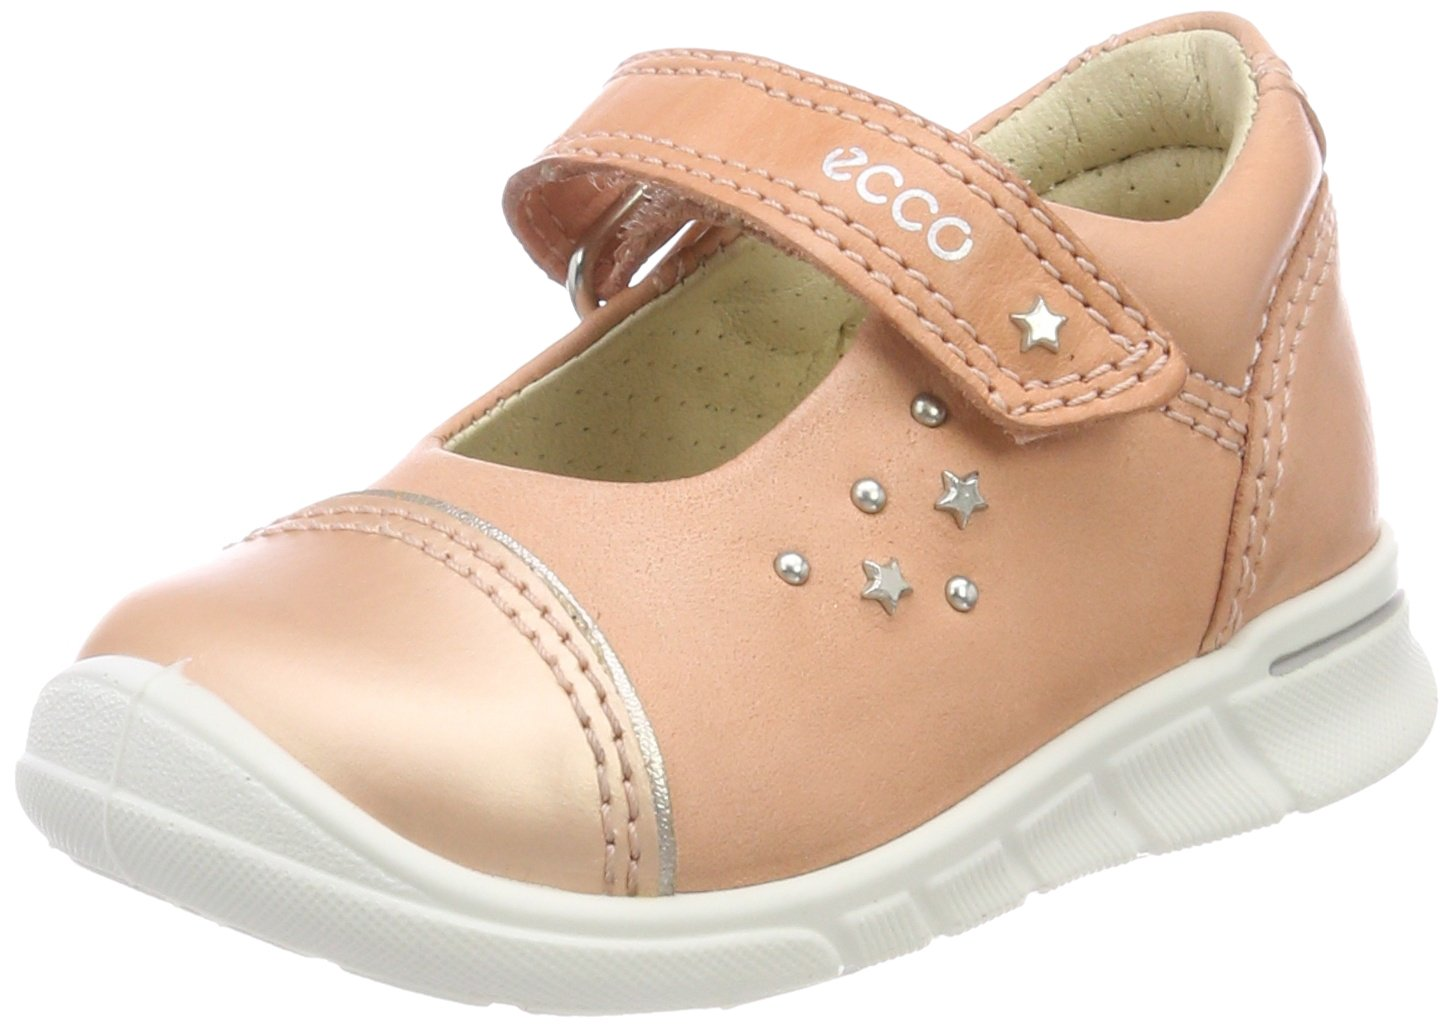 Ecco First, Chaussures Bébé Marche Fille 754111